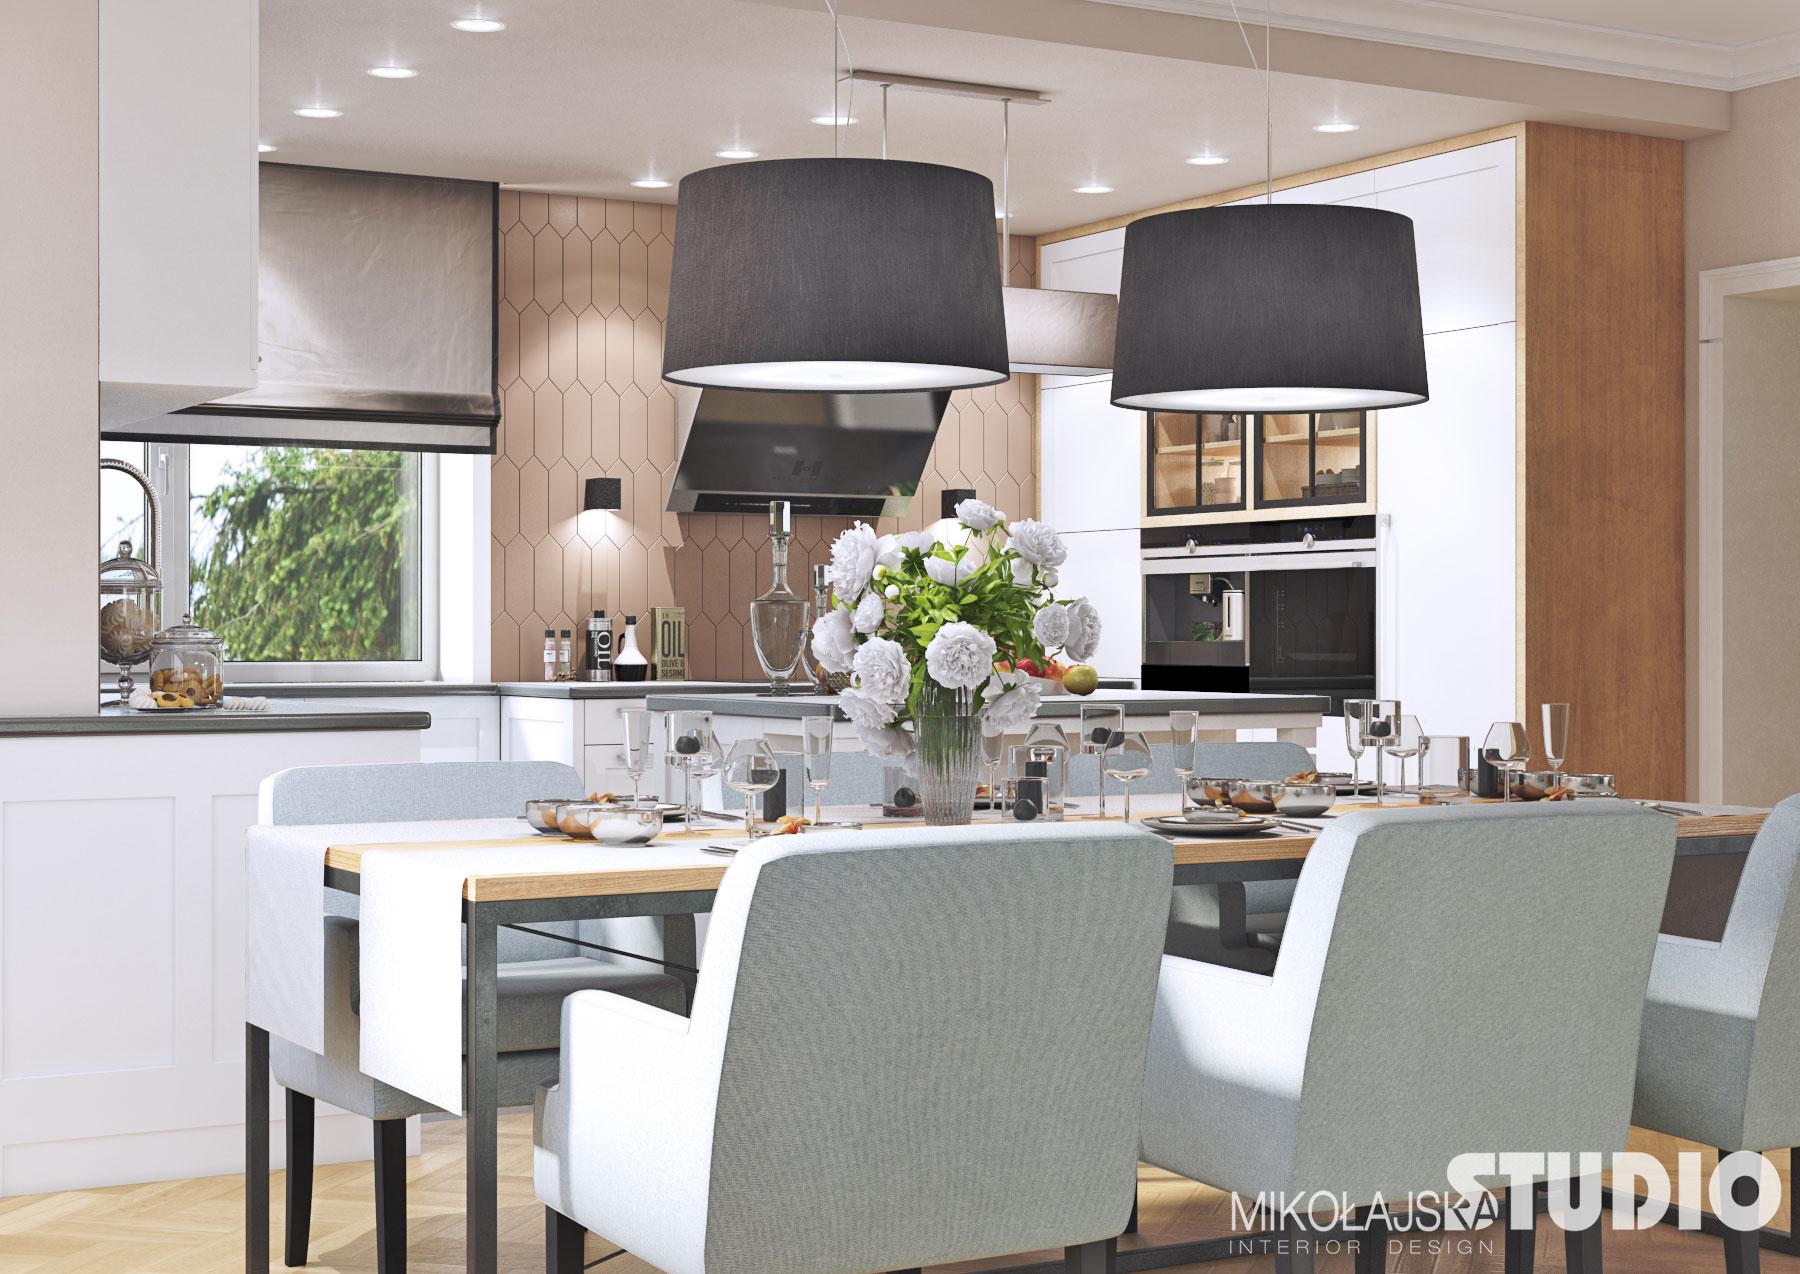 Ściana w kuchni z płytek fakturą i kolorem przypominającej drewno | Projekt Mikołajska Studio